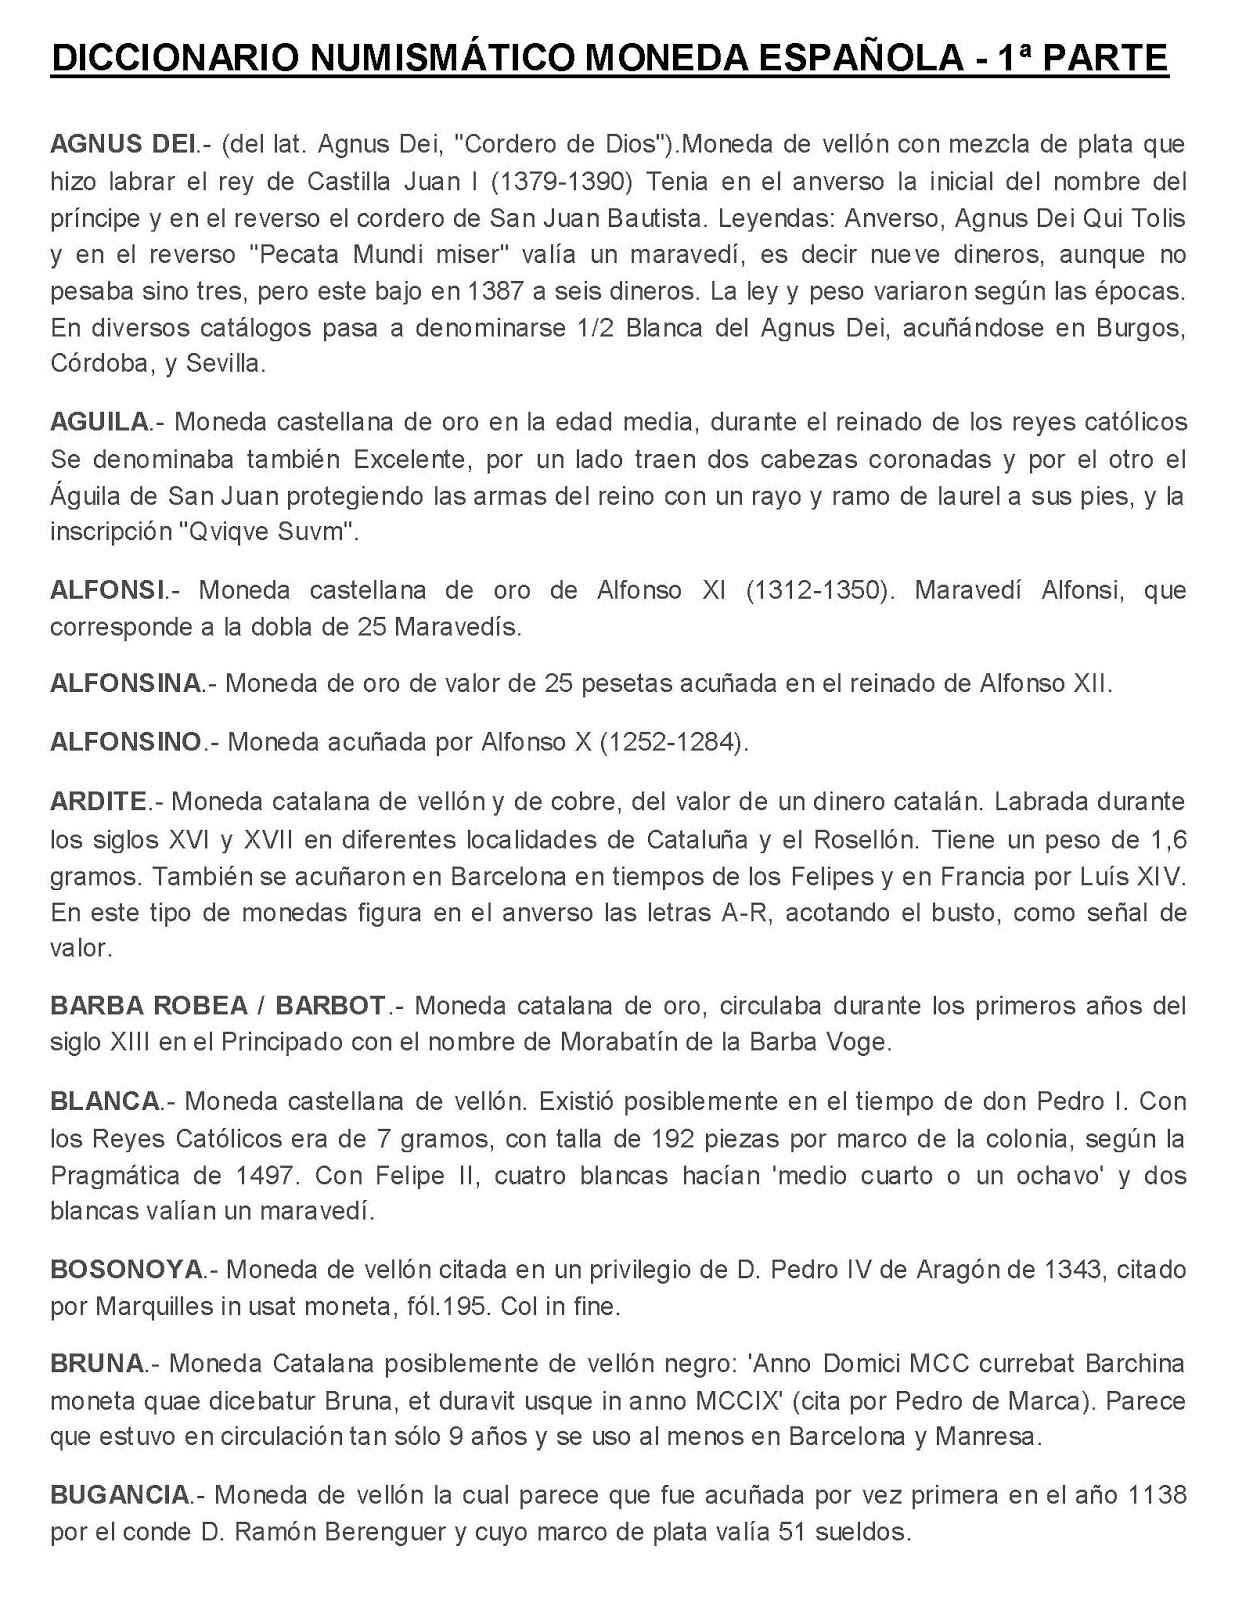 EL MUNDO DEL COLECCIONISMO: DICCIONARIO NUMISMÁTICO MONEDA ESPAÑOLA ...